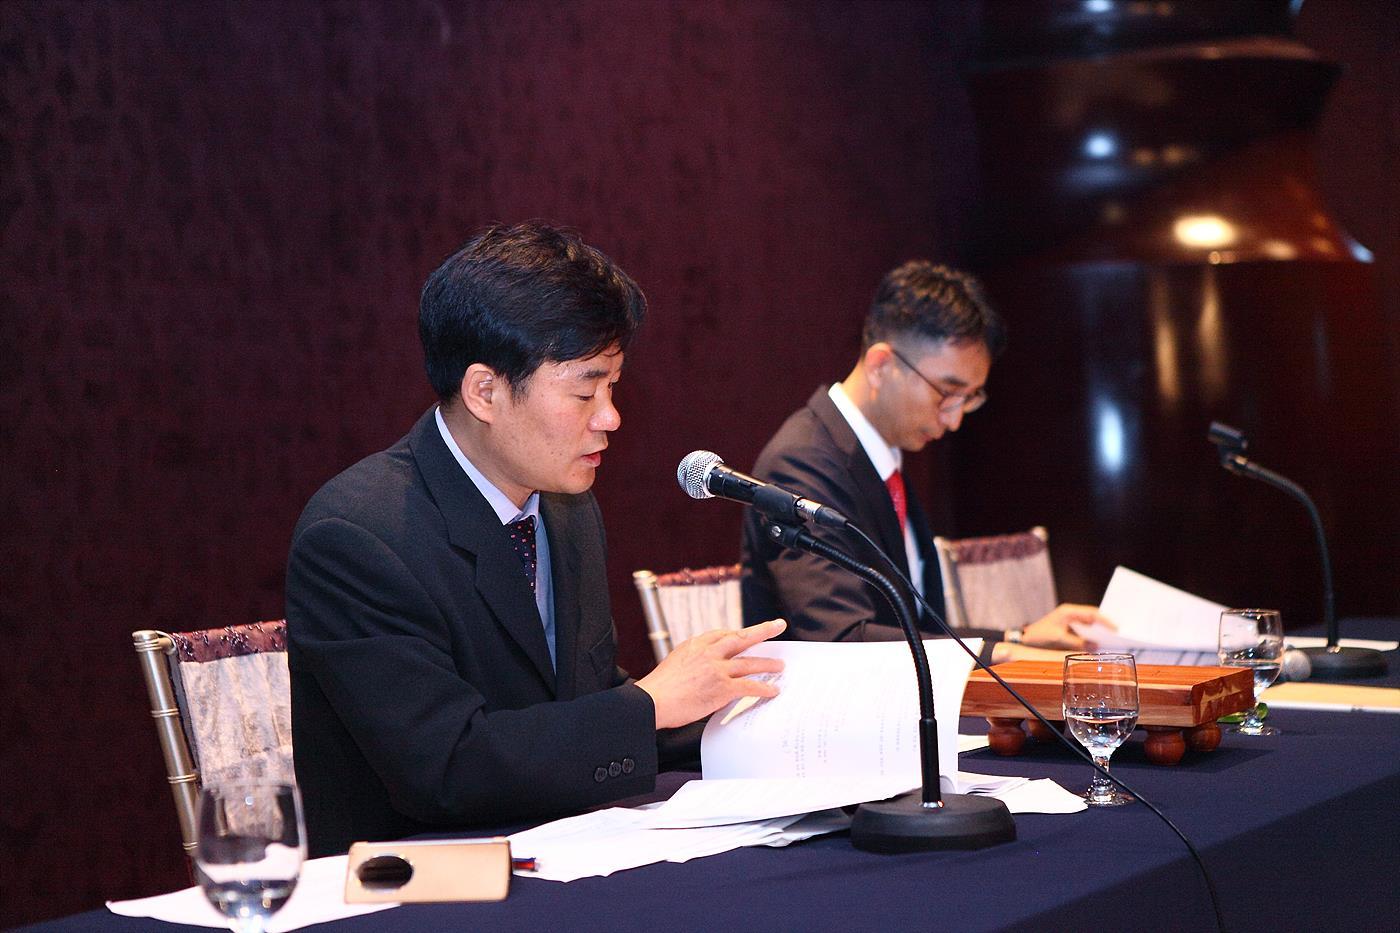 25대 사업목표를 발표 중인 박재석 연합회 사무처장